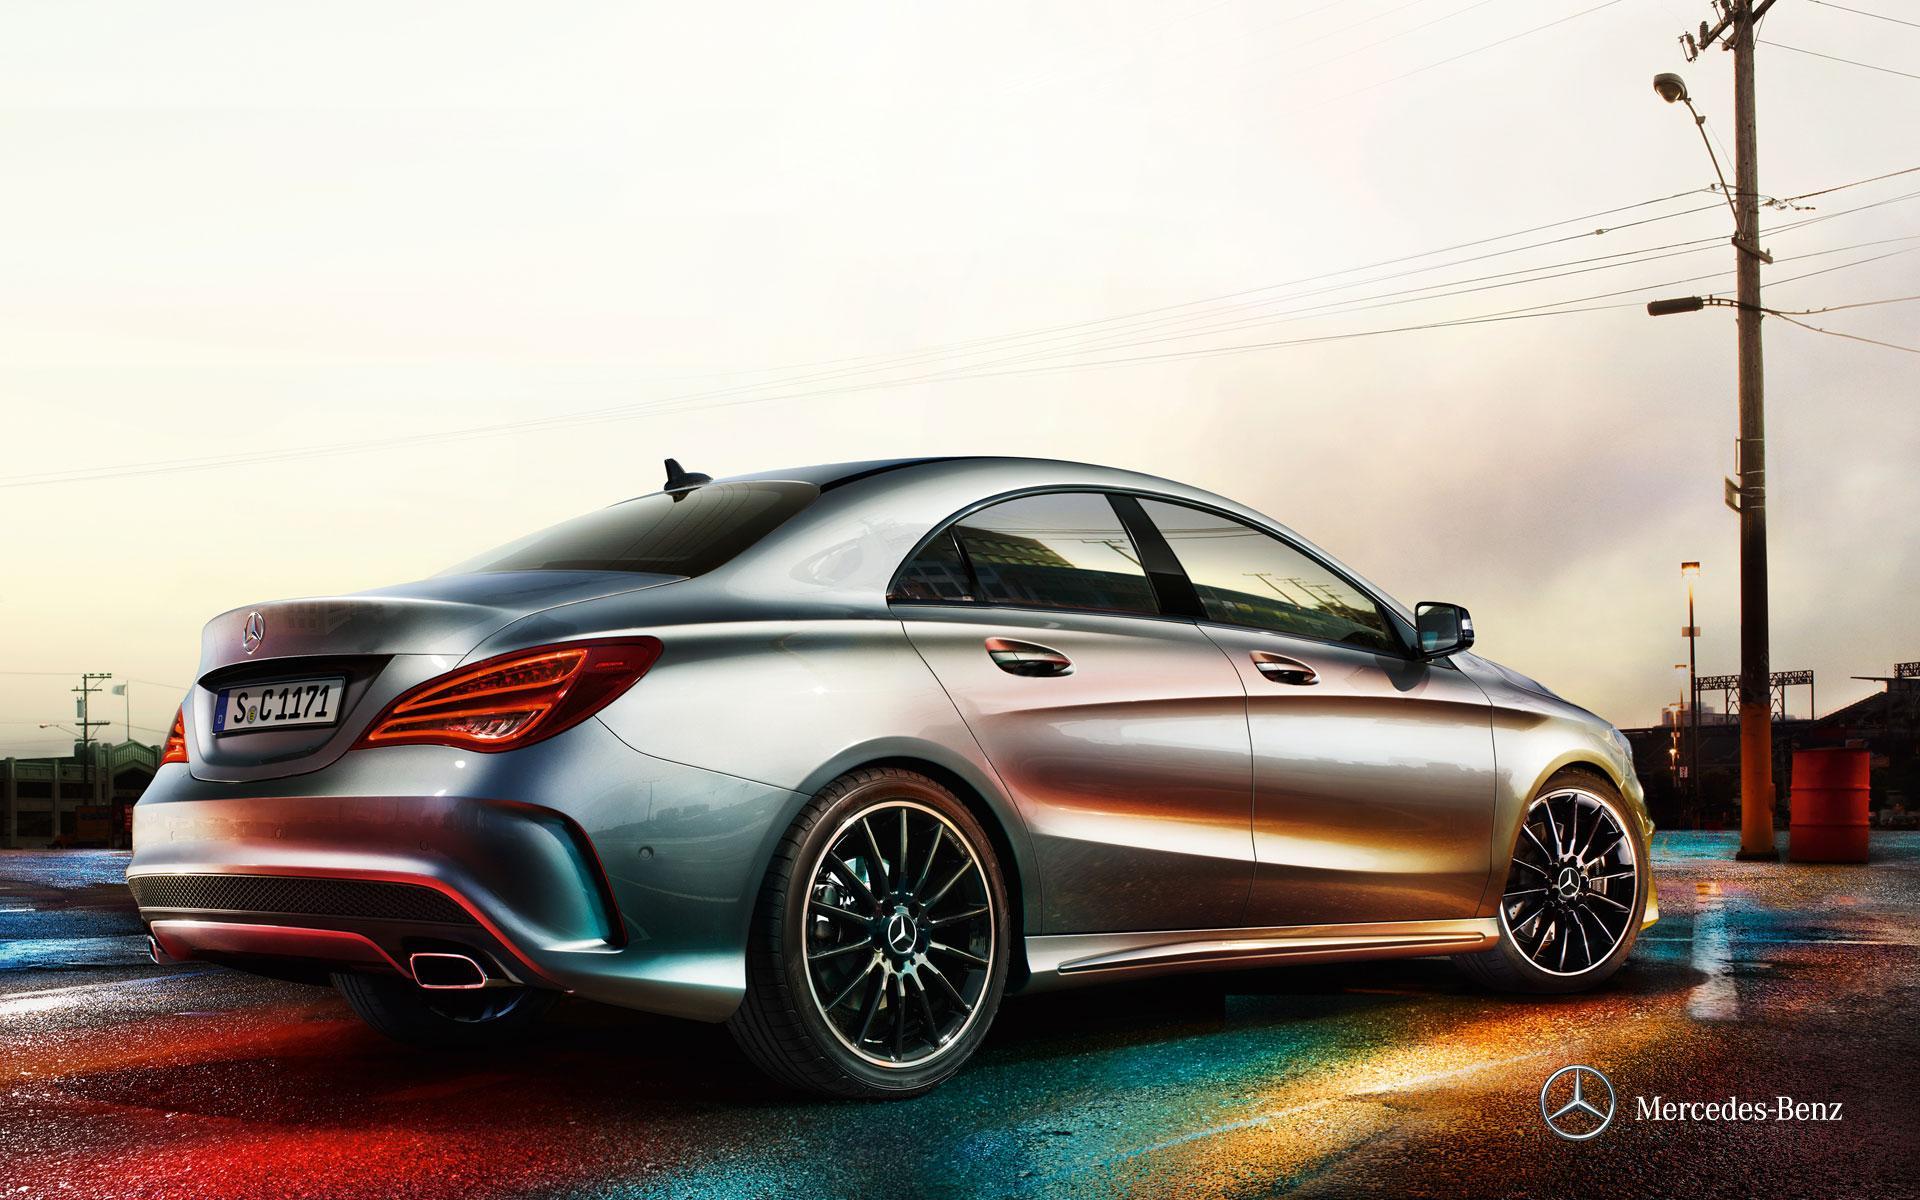 Mercedes Benz CLA 200 Wallpapers - Wallpaper Cave